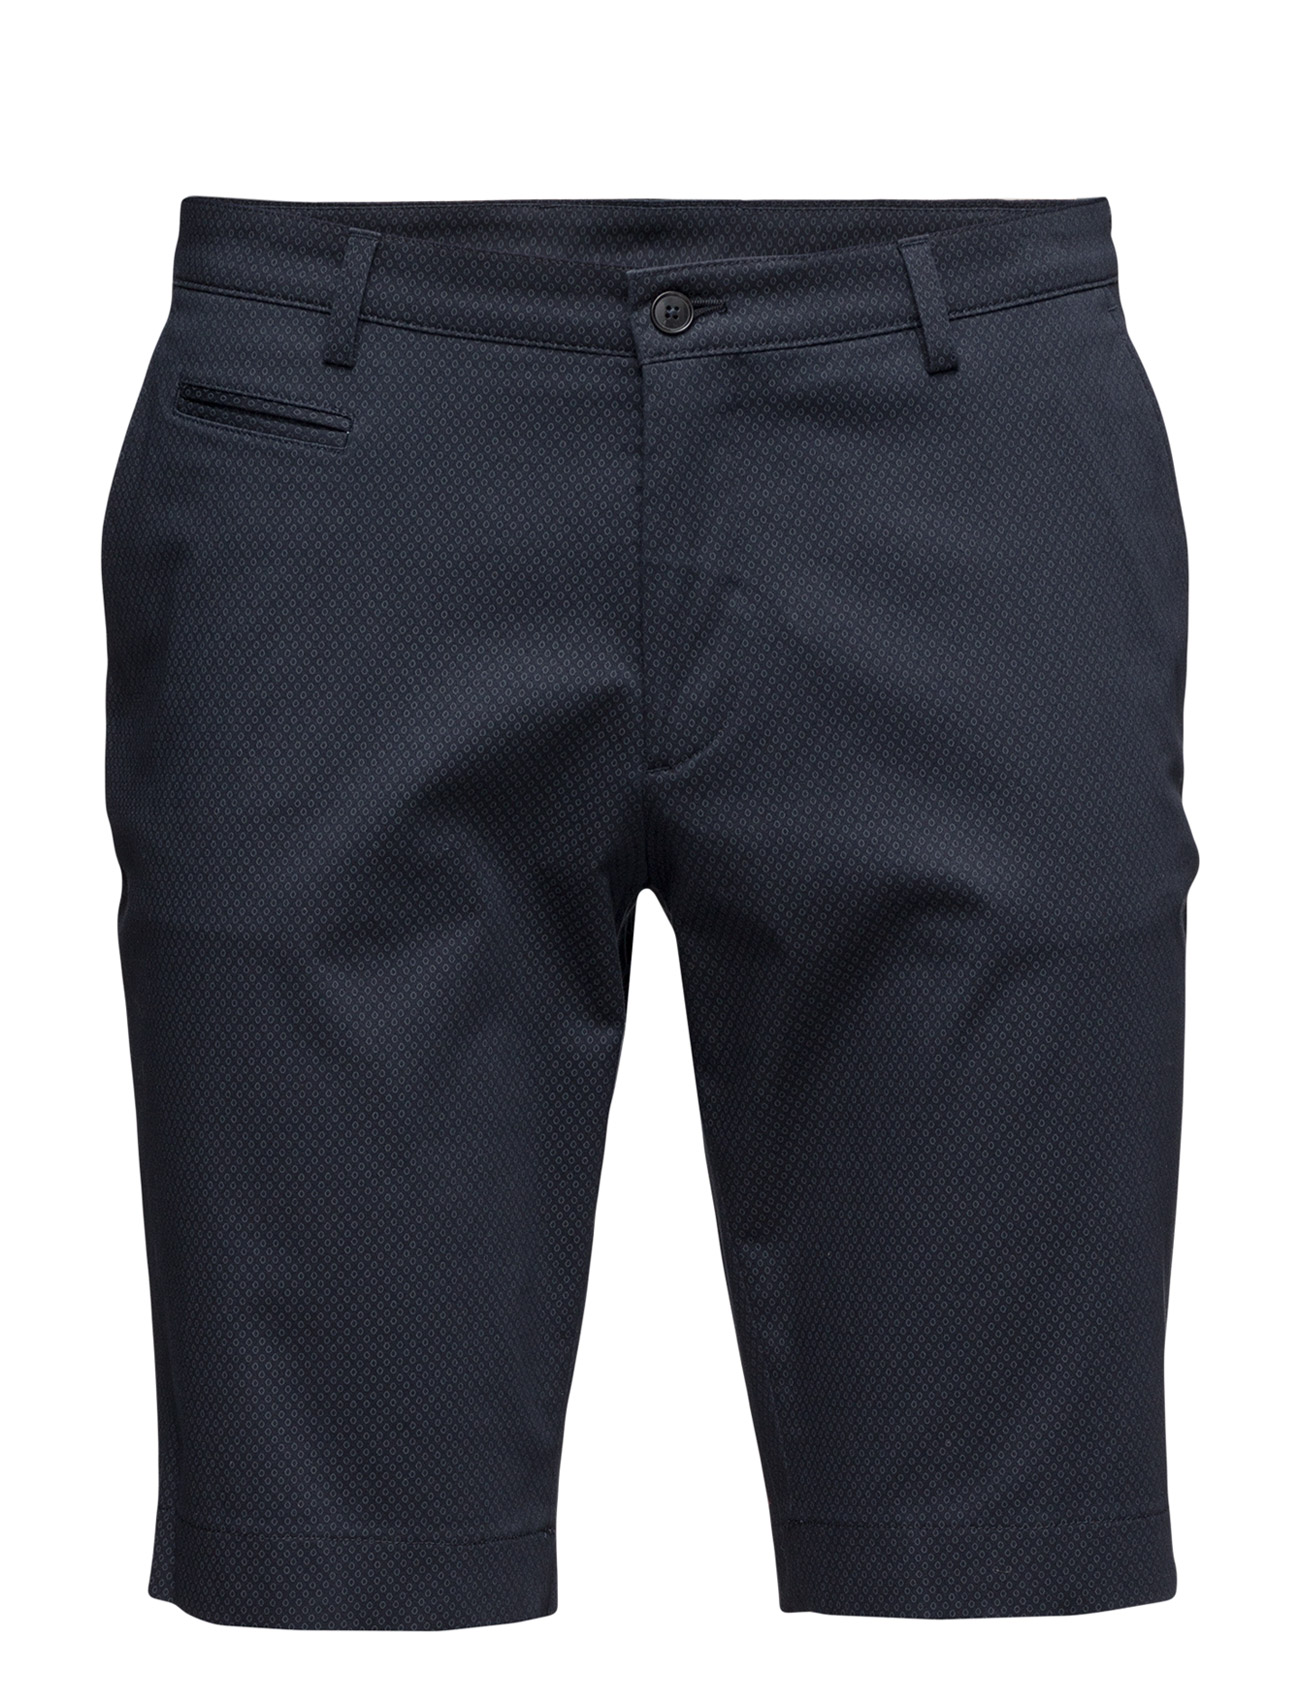 2437 - Dolan Shorts SAND Bermuda shorts til Herrer i Navy blå